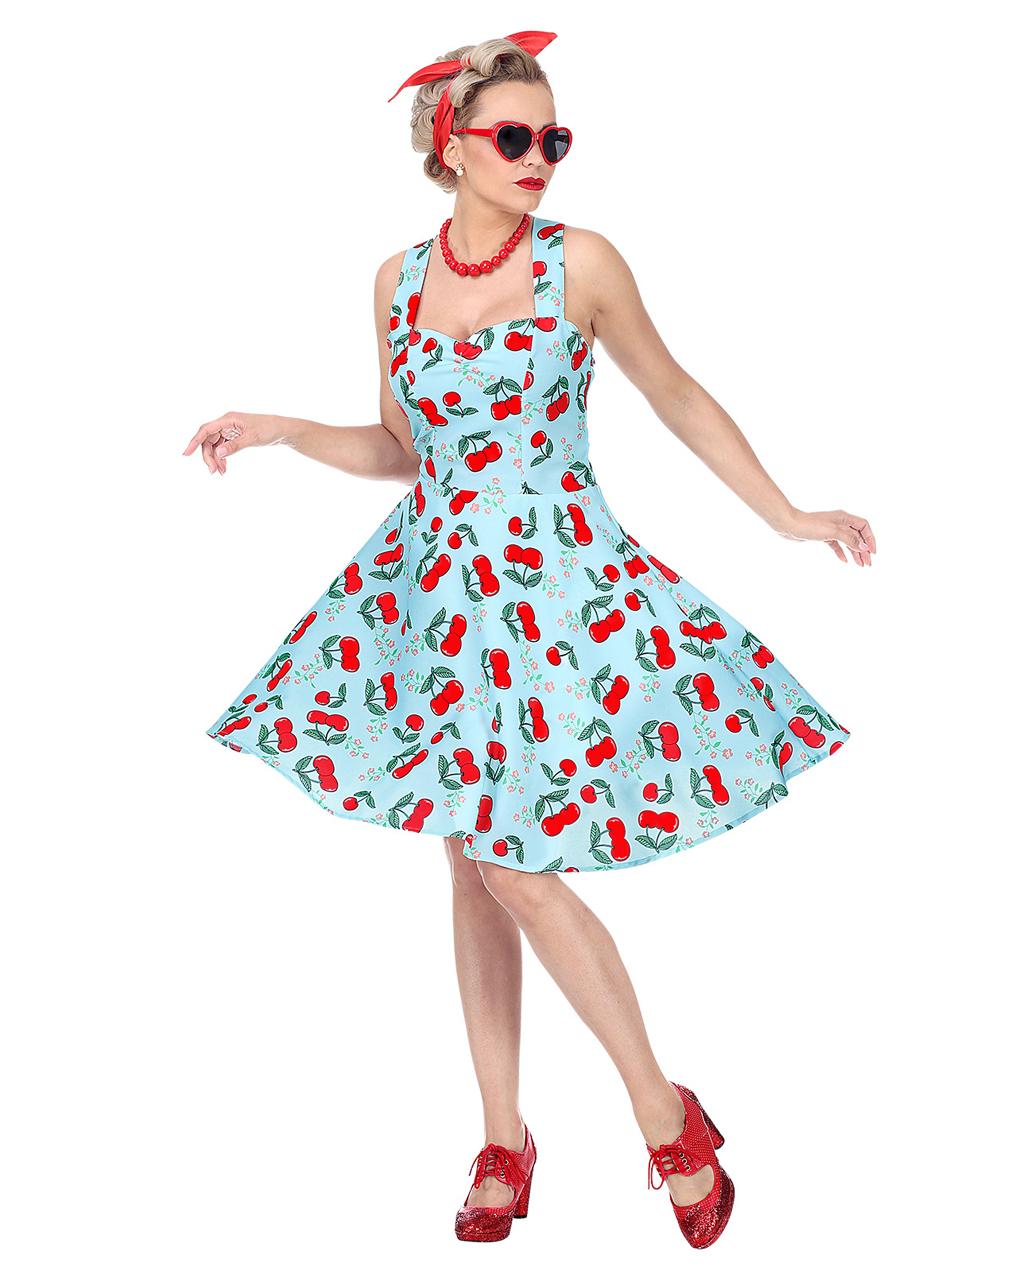 50er jahre rock'n roll kleid mit petticoat kaufen  horror